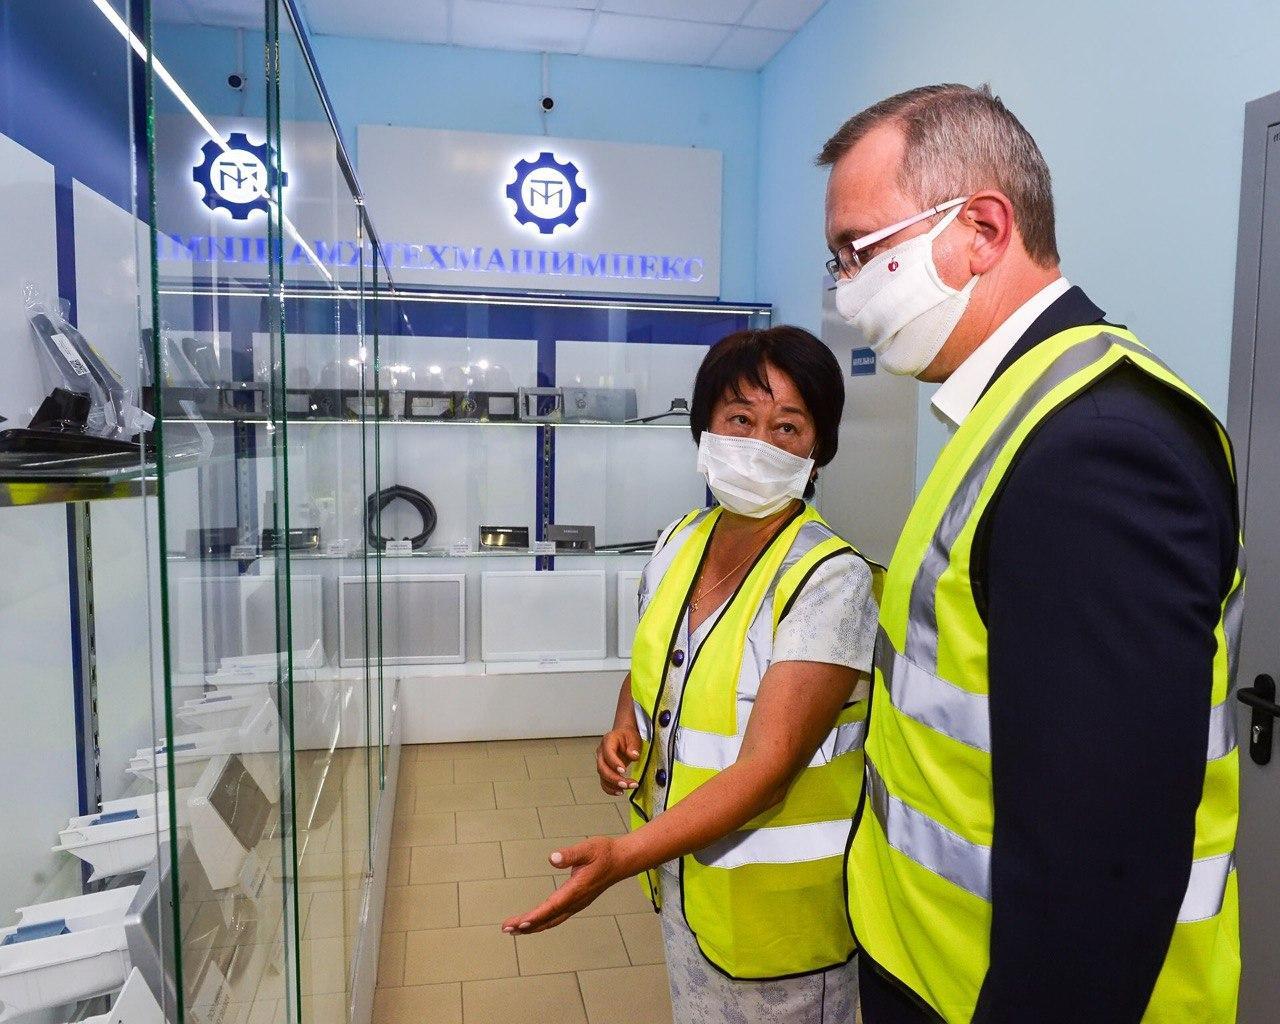 Фото предоставлено Лайфу пресс-службой Правительства Калужской области